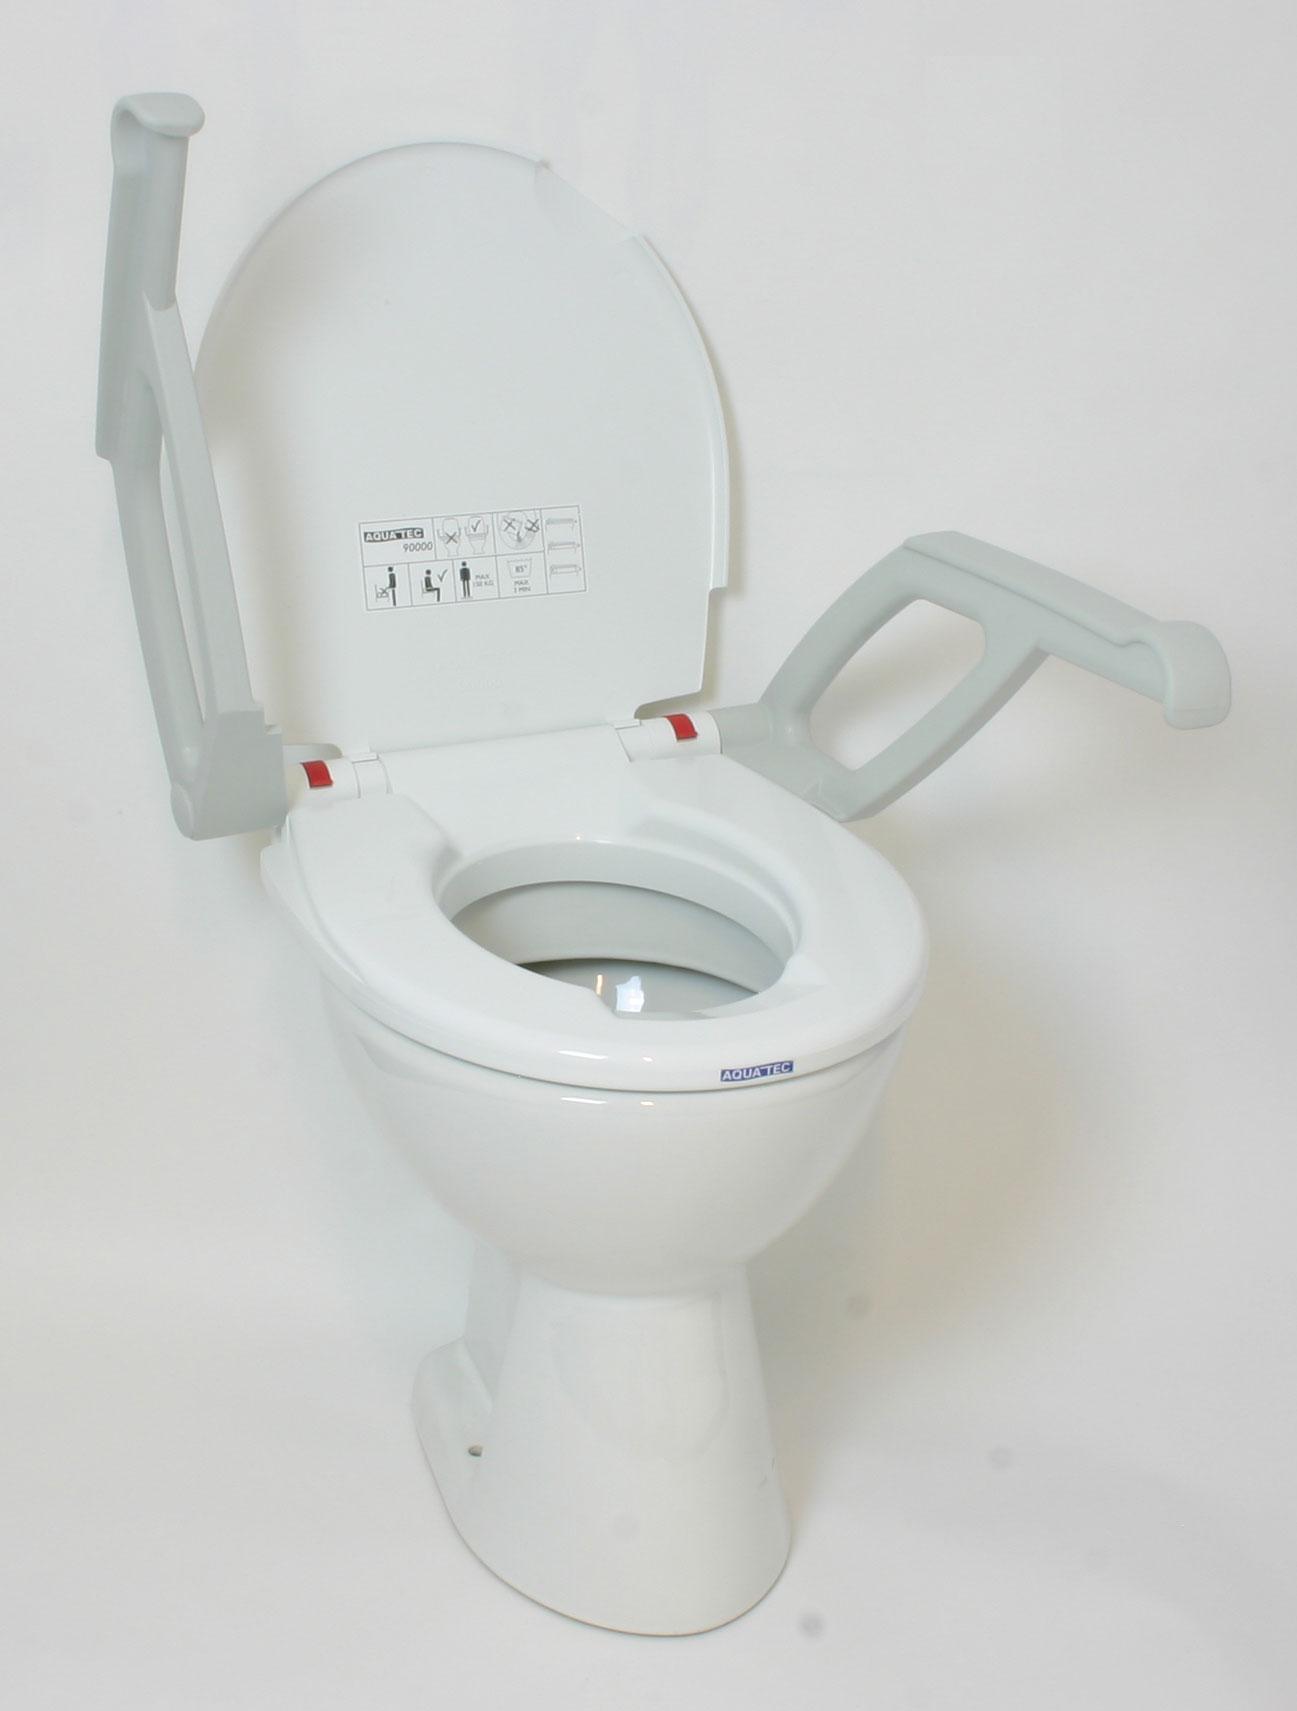 Toilettensitzerhöhung Test amp Vergleich  Top 9 im